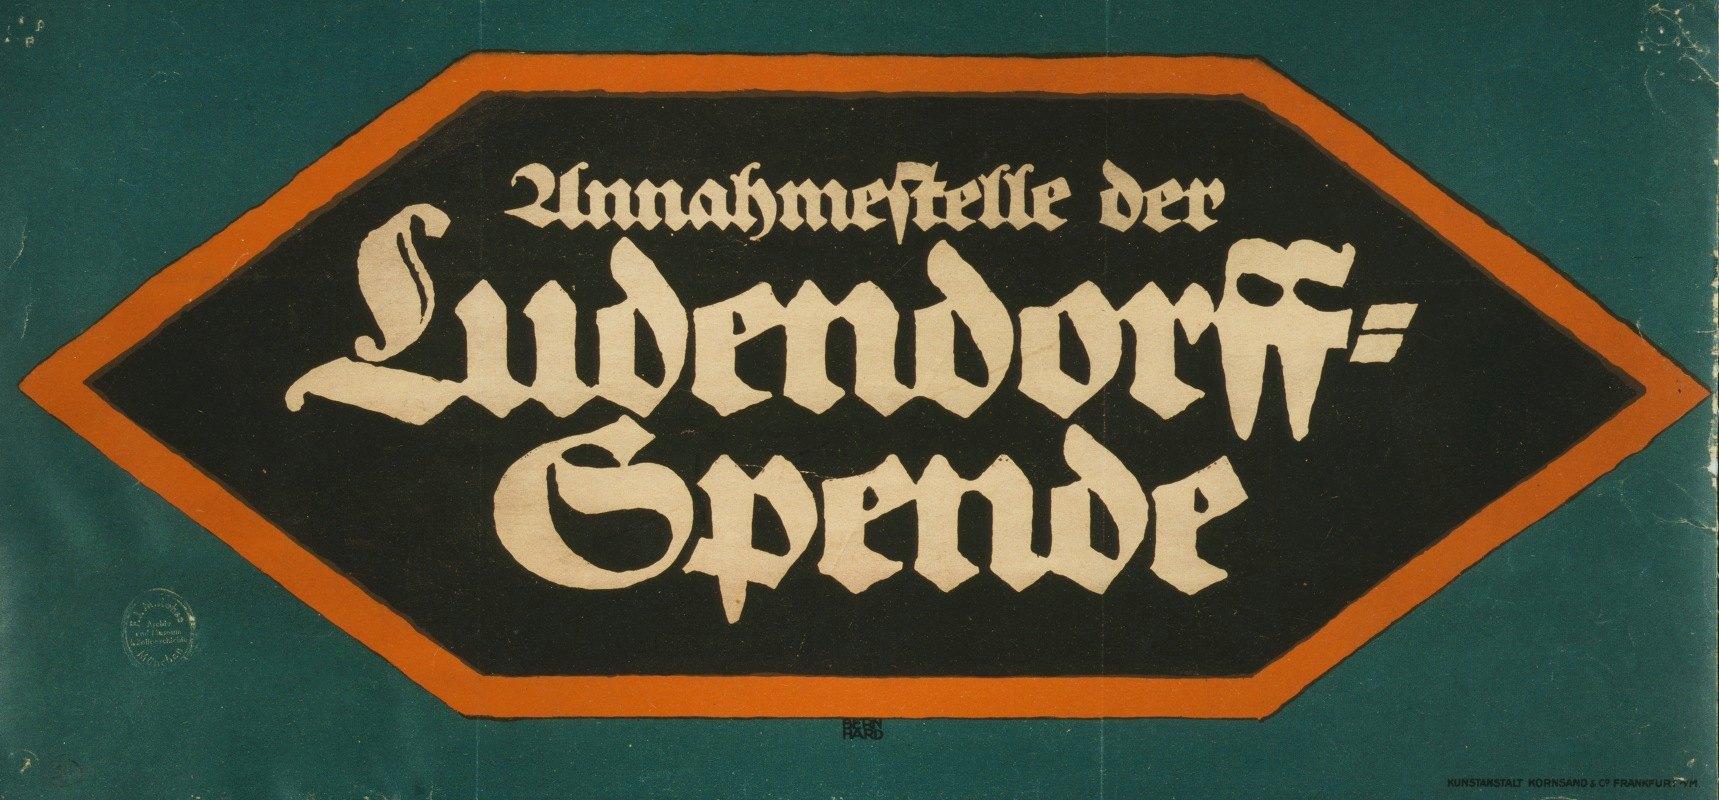 Lucian Bernhard - Annahmestelle der Ludendorff-Spende